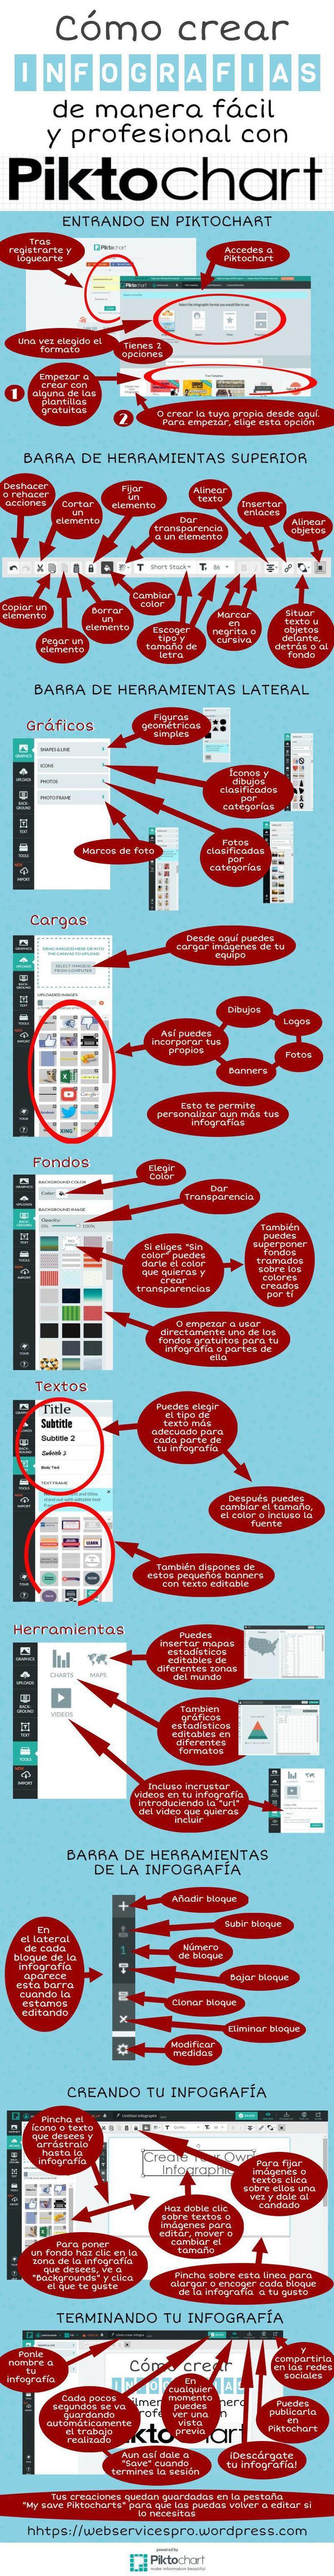 Cómo crear infografías con Piktochart #infografia #infographic #socialmedia…